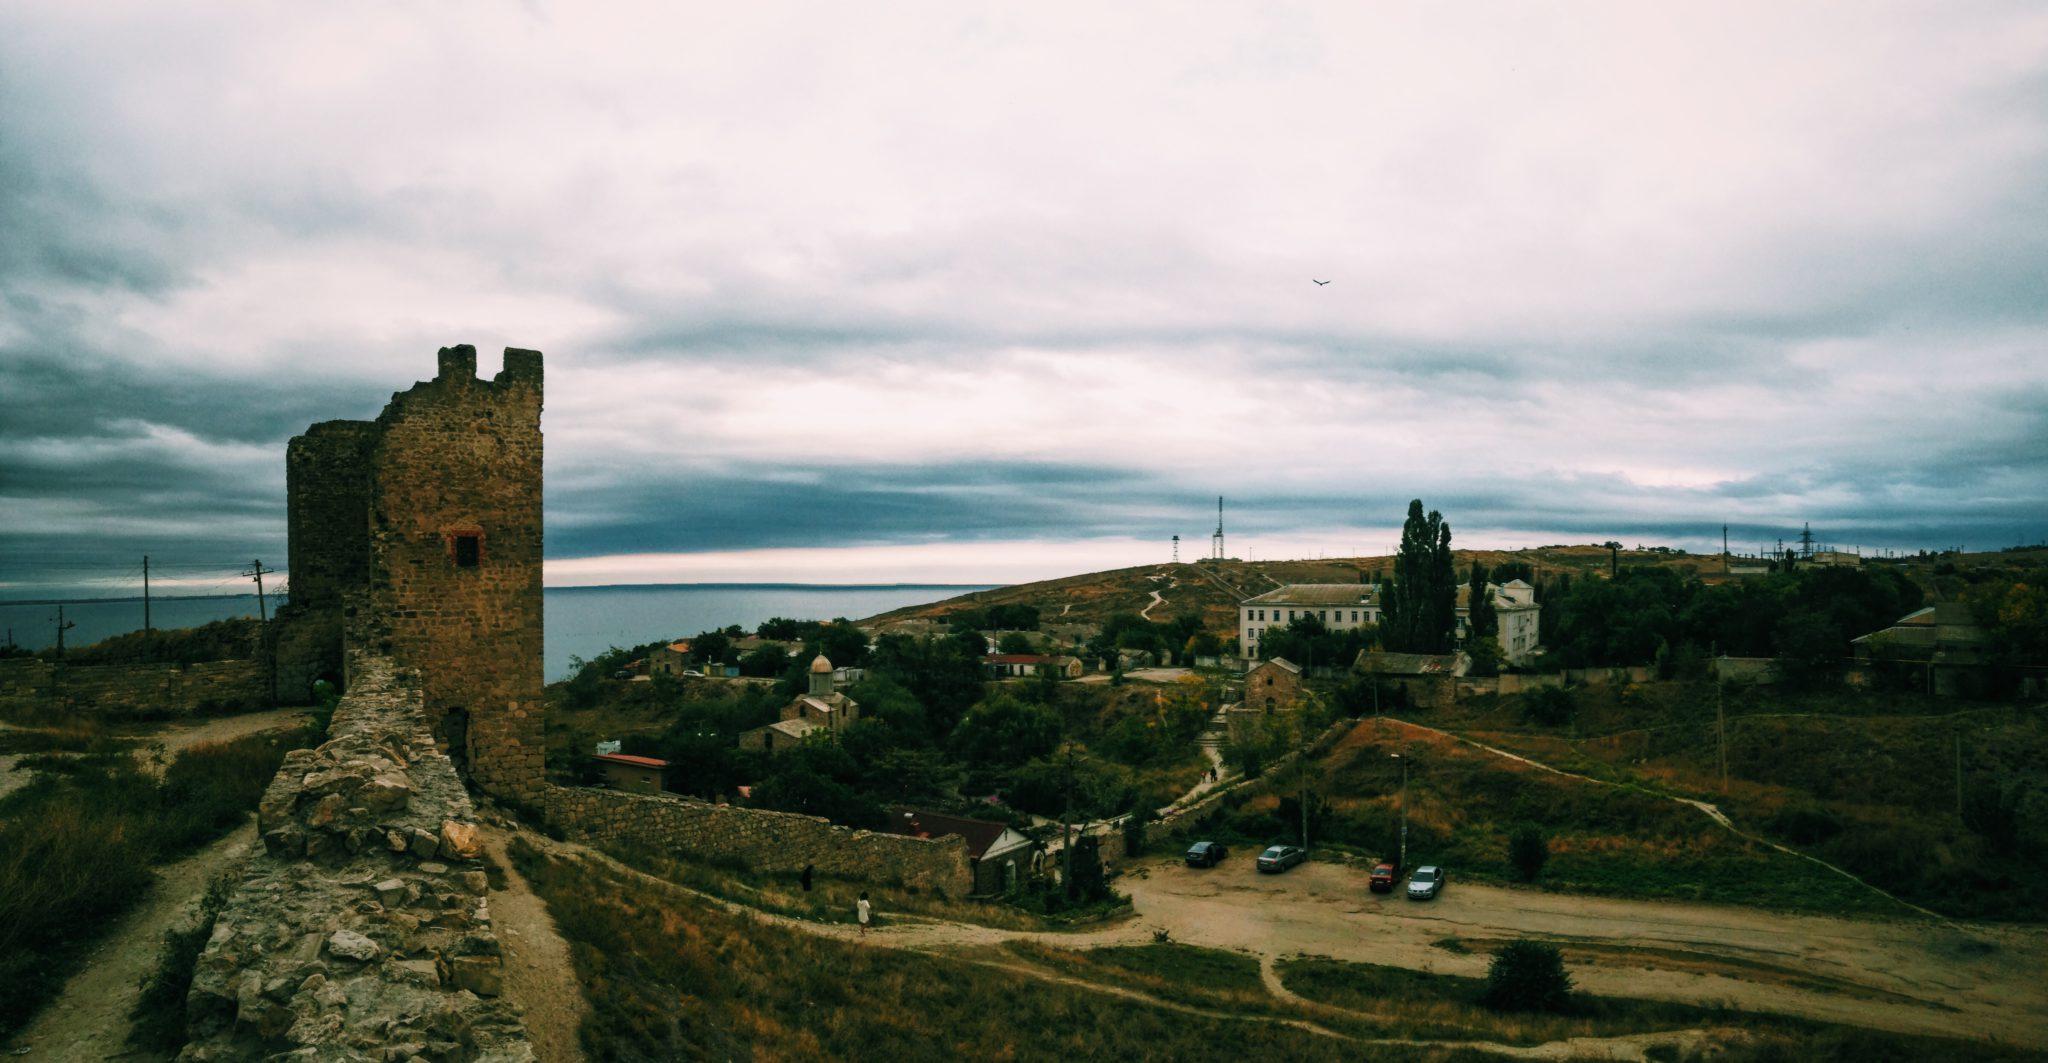 Достопримечательности Феодосии, средневековая крепость